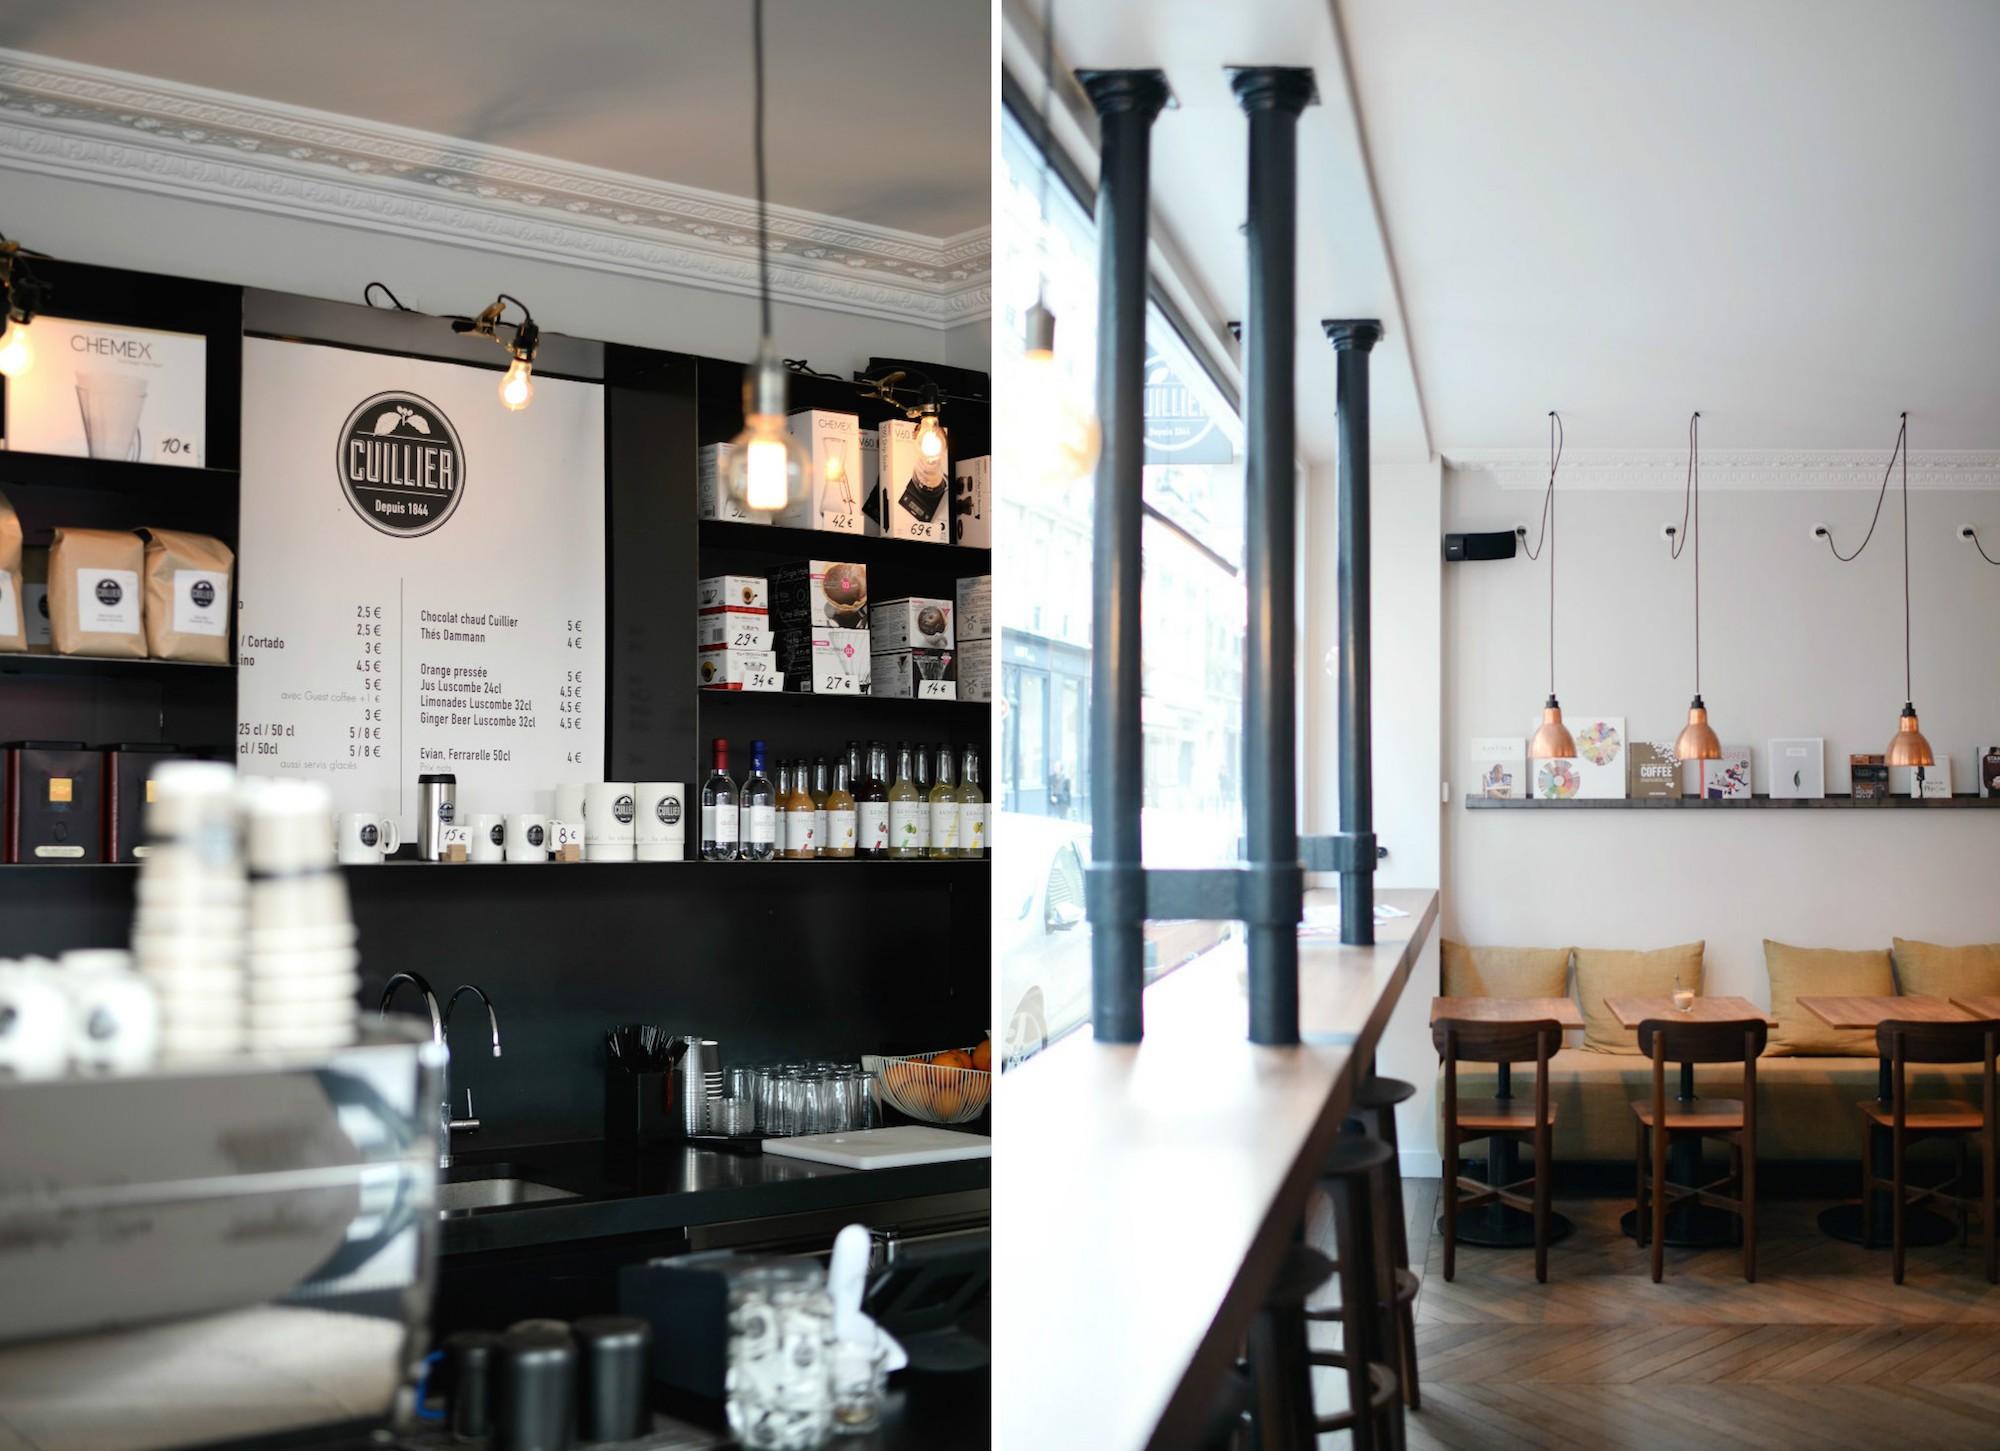 Cuillier Cafe Montmartre